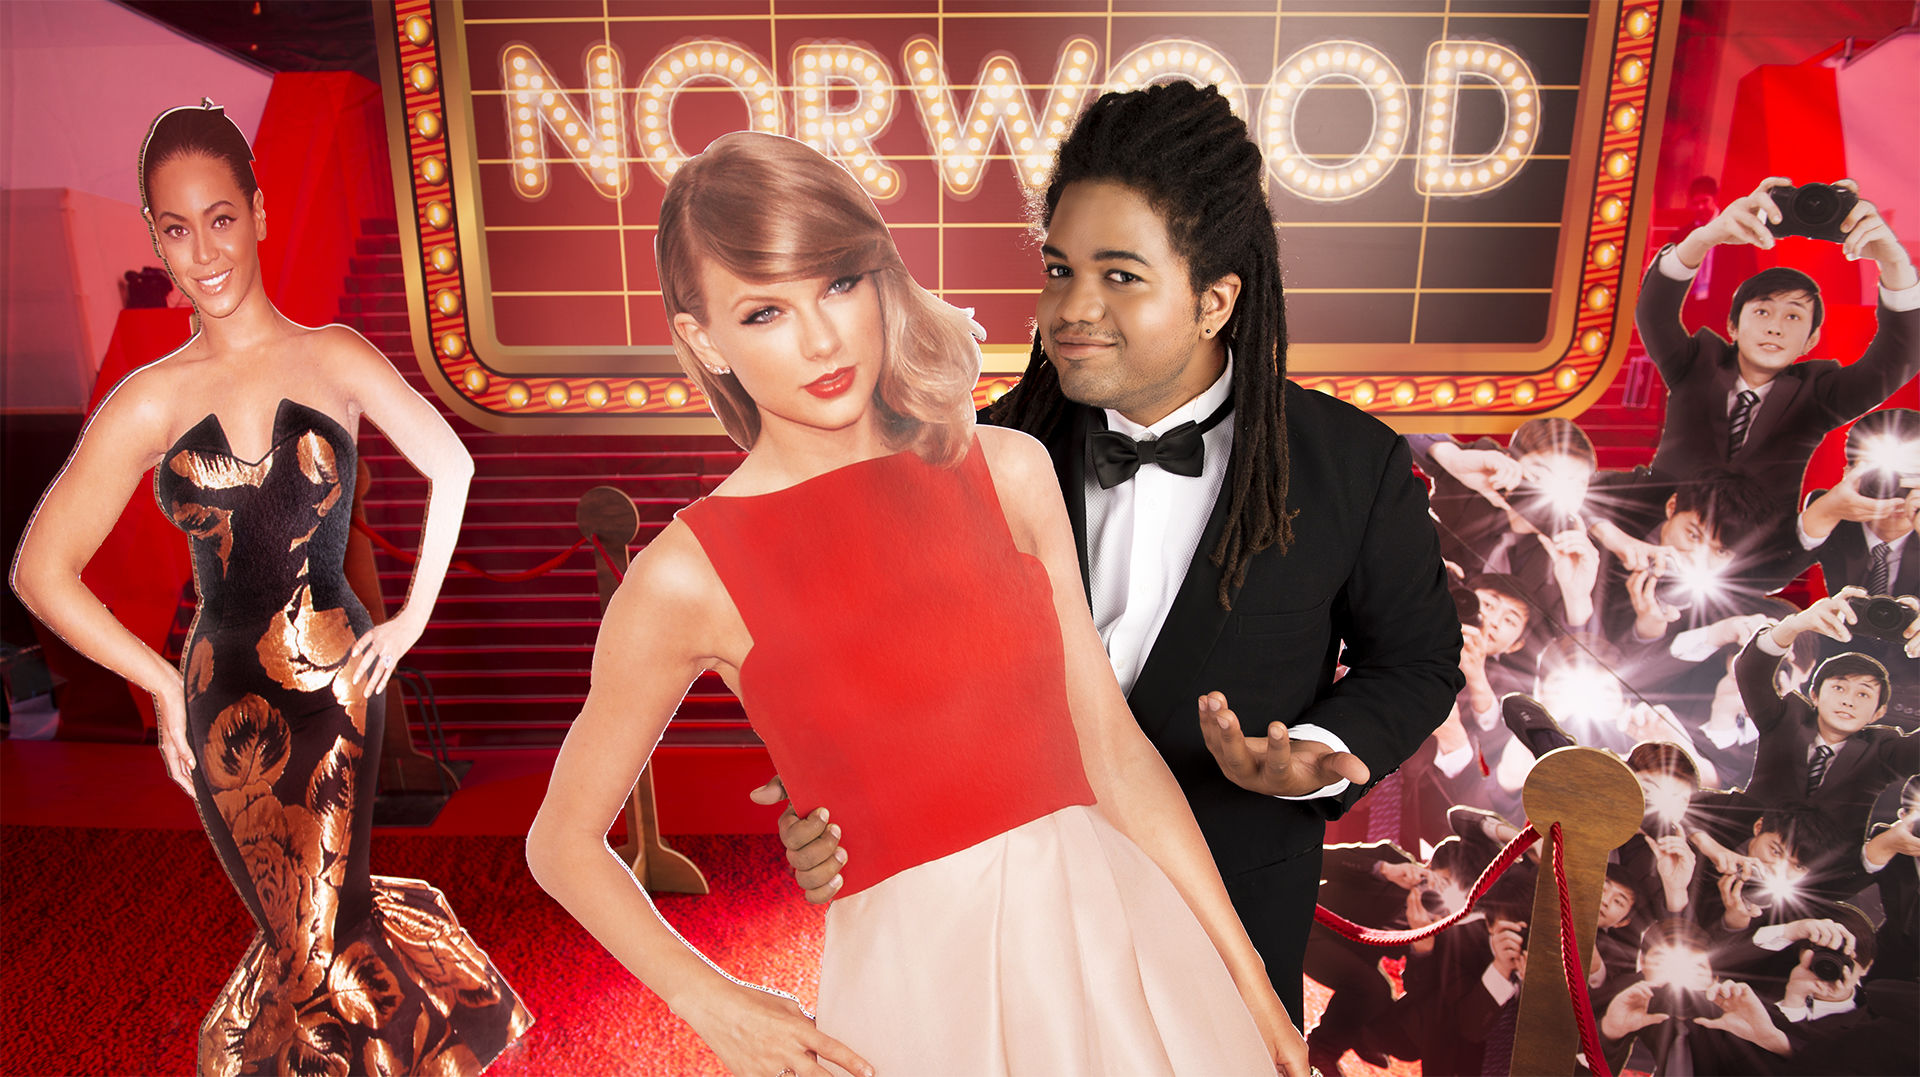 At Norwood anything